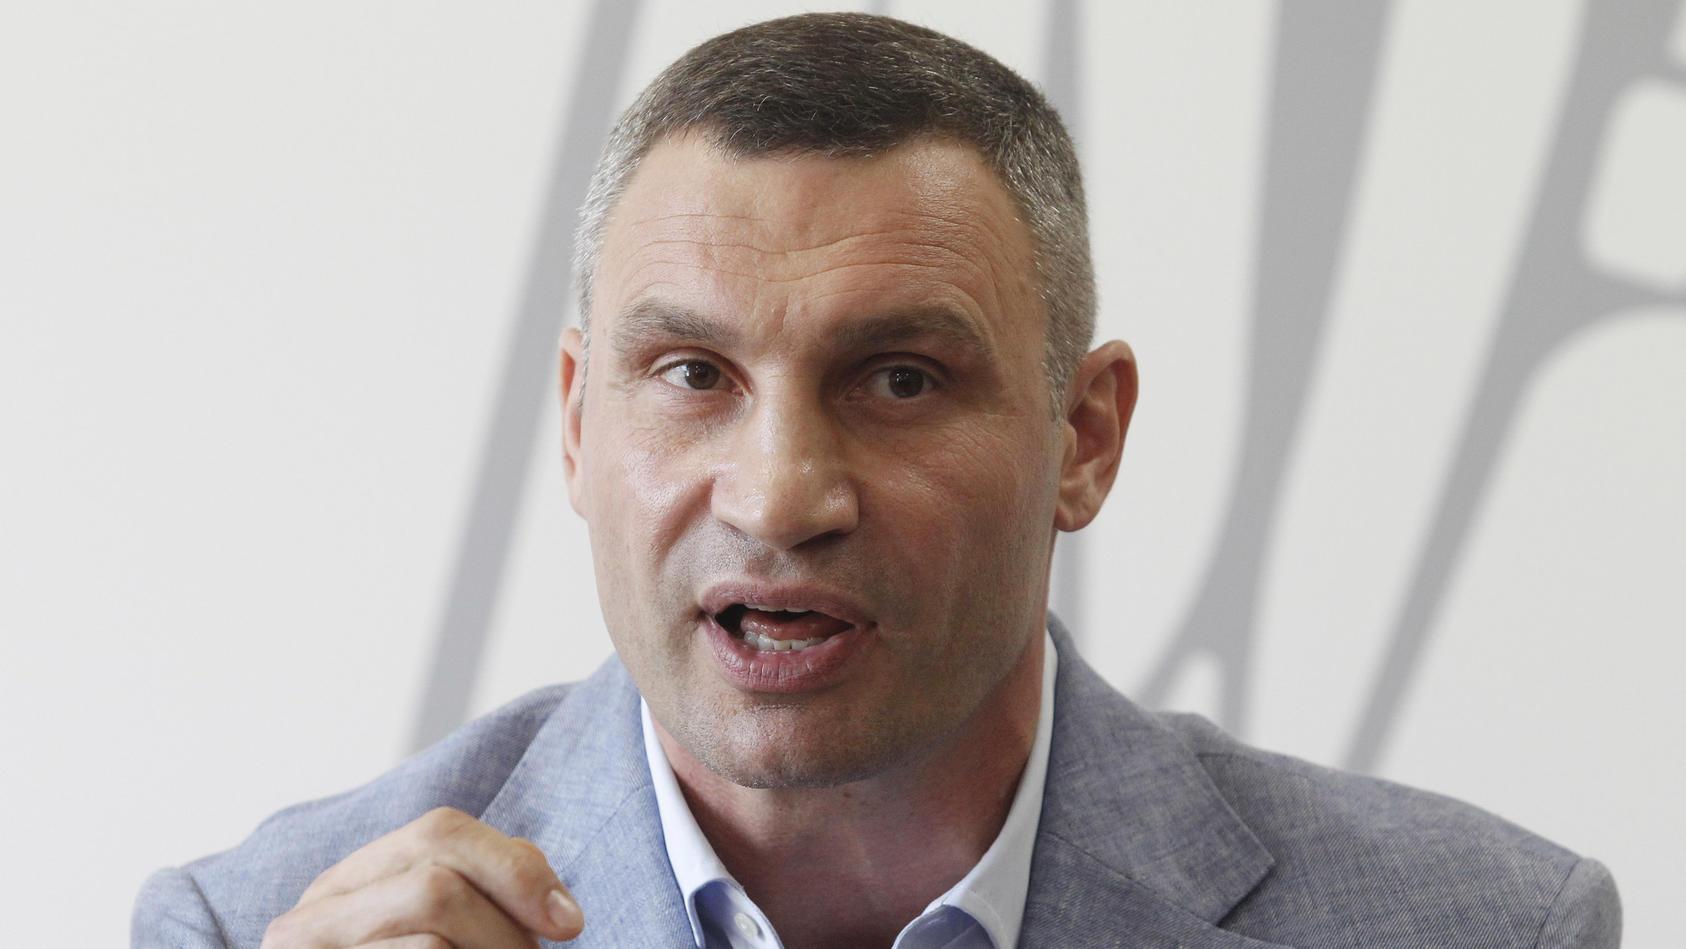 Kommunalwahlen in der Ukraine -  Vitali Klitschko